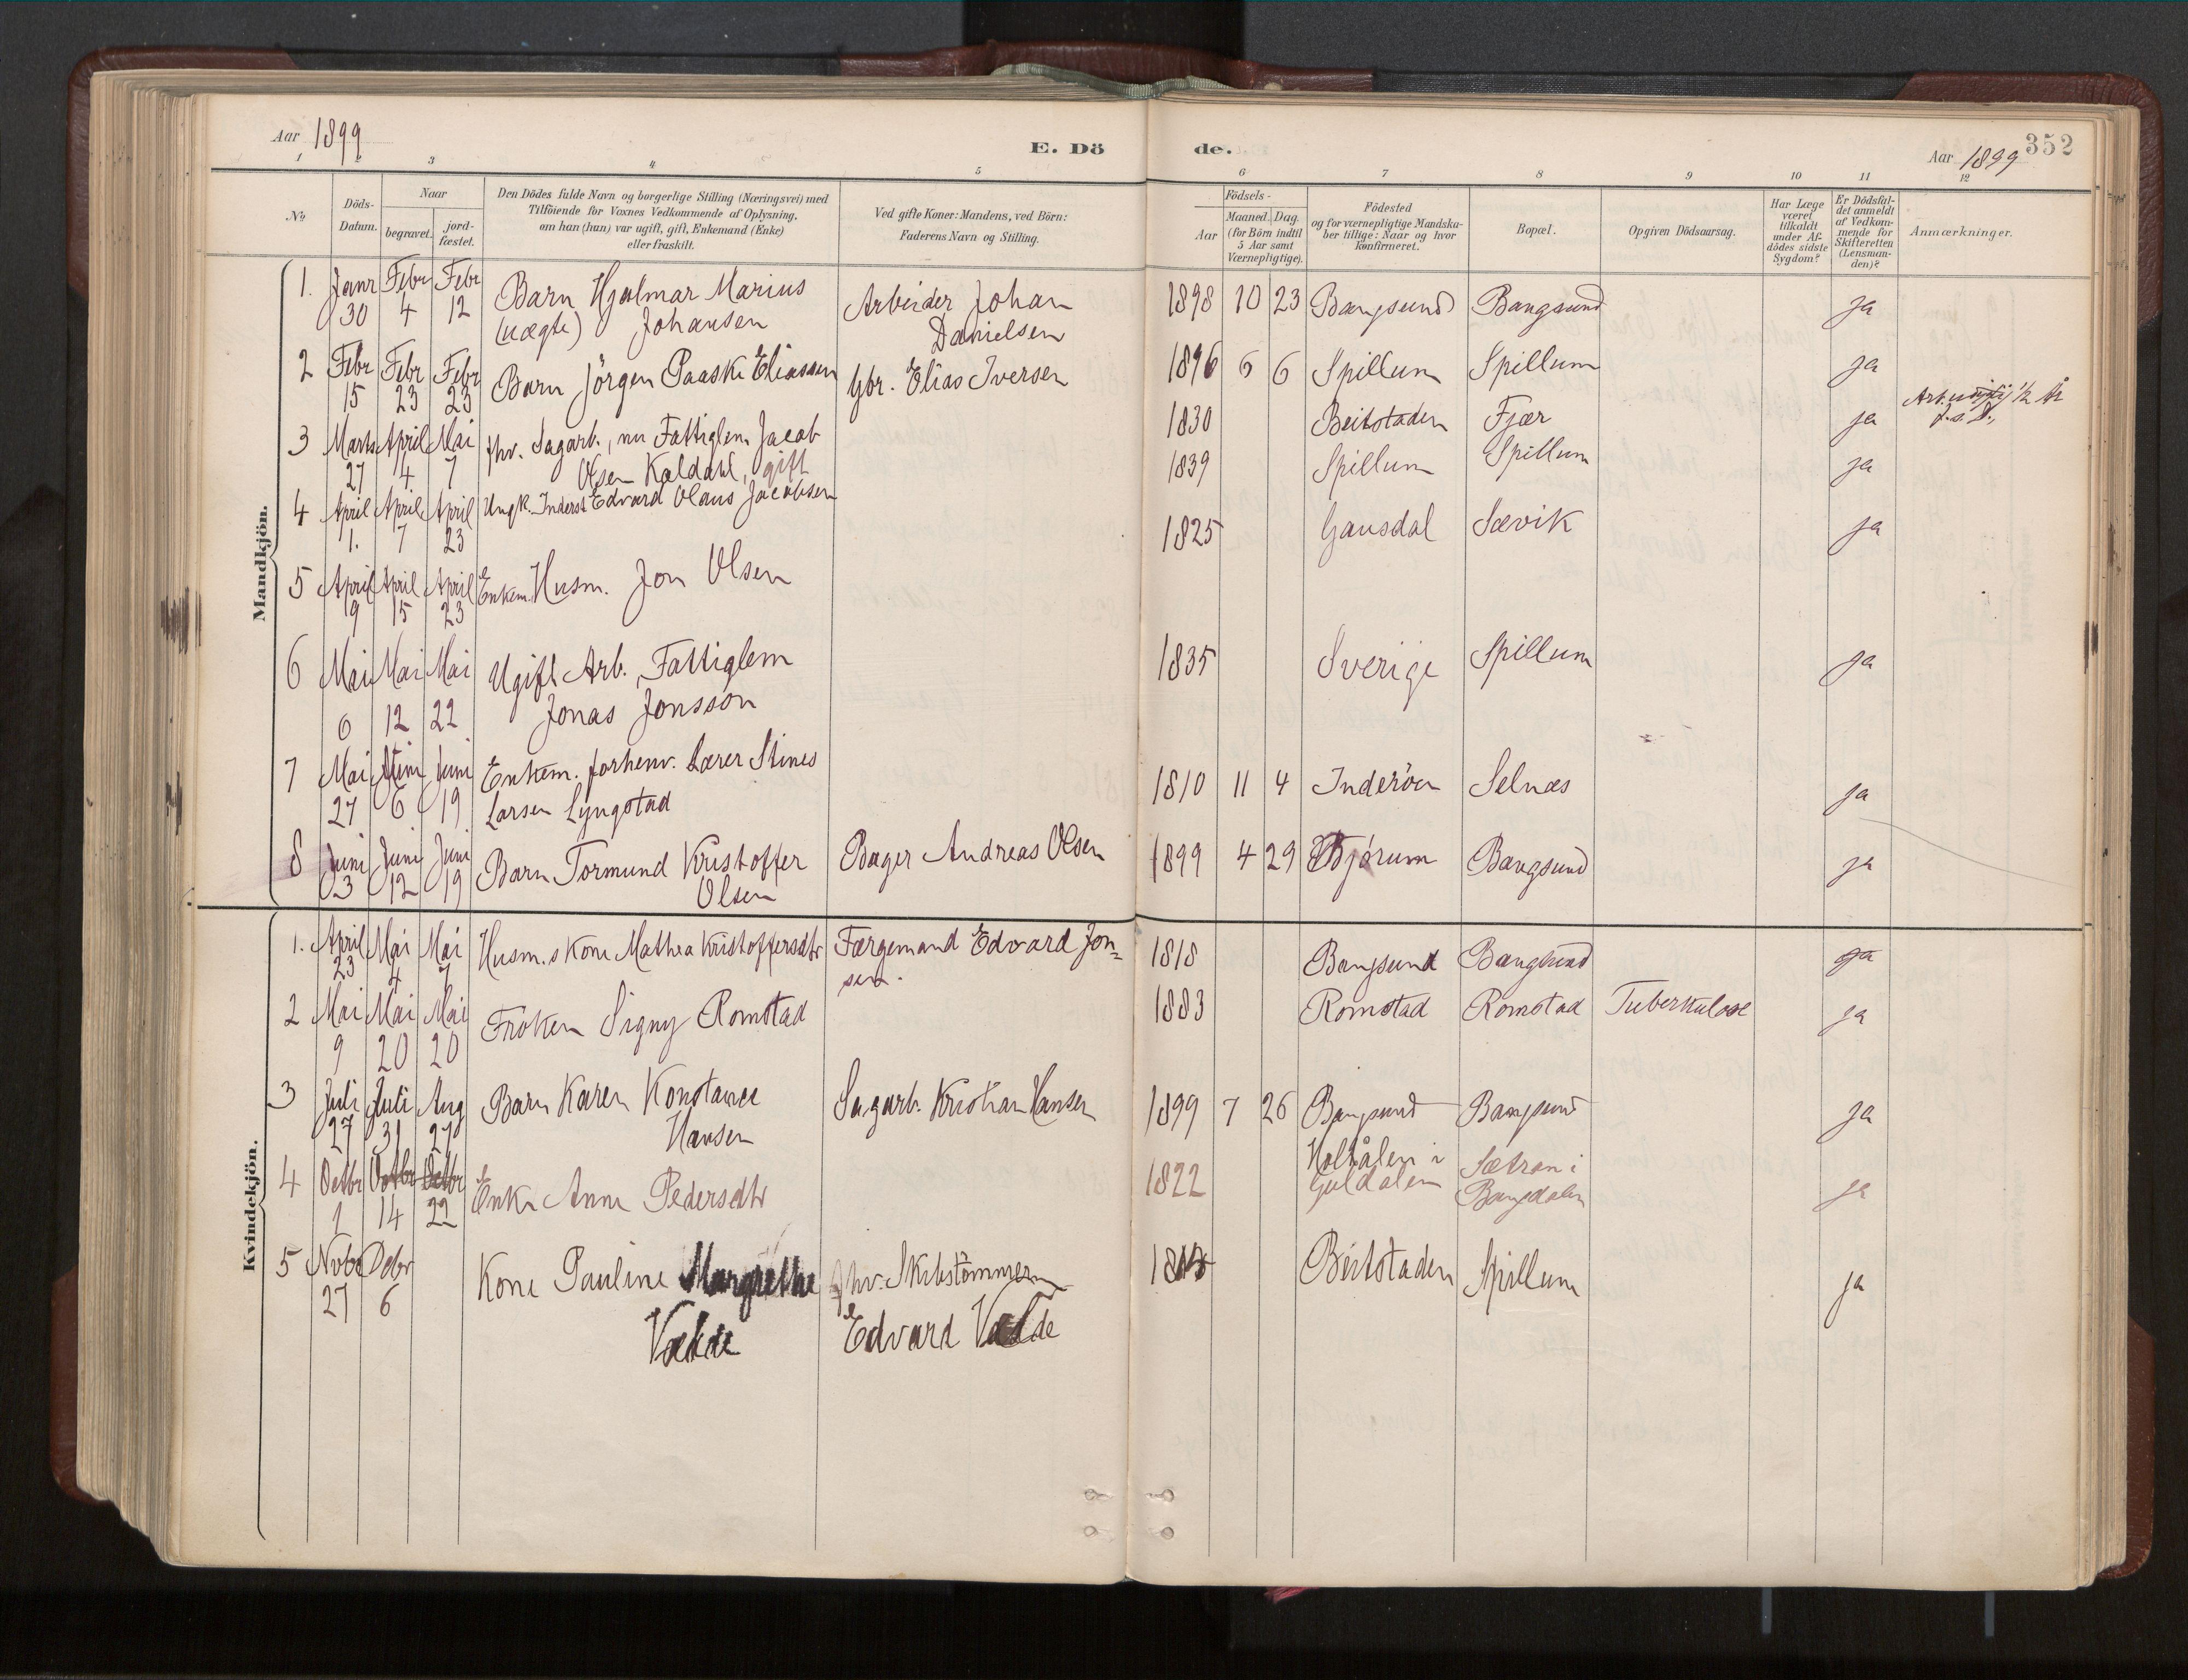 SAT, Ministerialprotokoller, klokkerbøker og fødselsregistre - Nord-Trøndelag, 770/L0589: Ministerialbok nr. 770A03, 1887-1929, s. 352